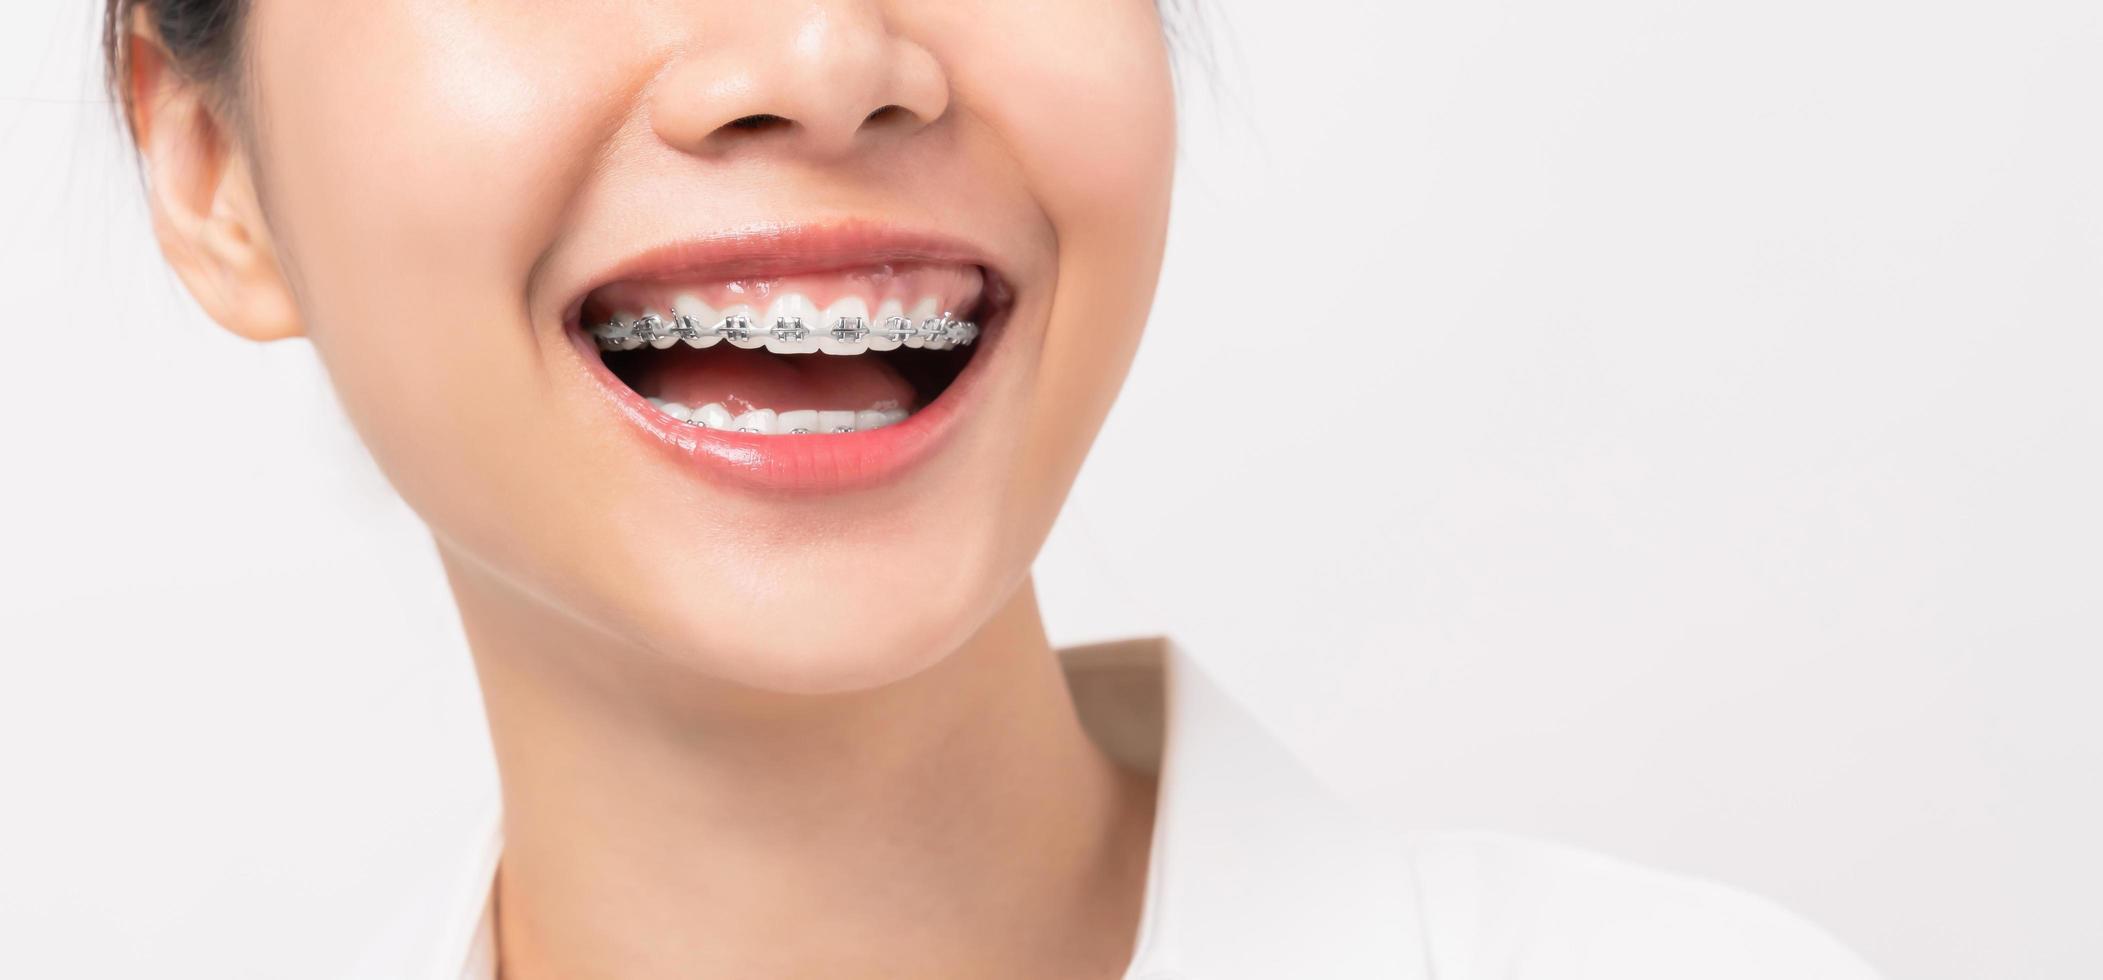 Nahaufnahme der Person, die Zahnspangen trägt foto